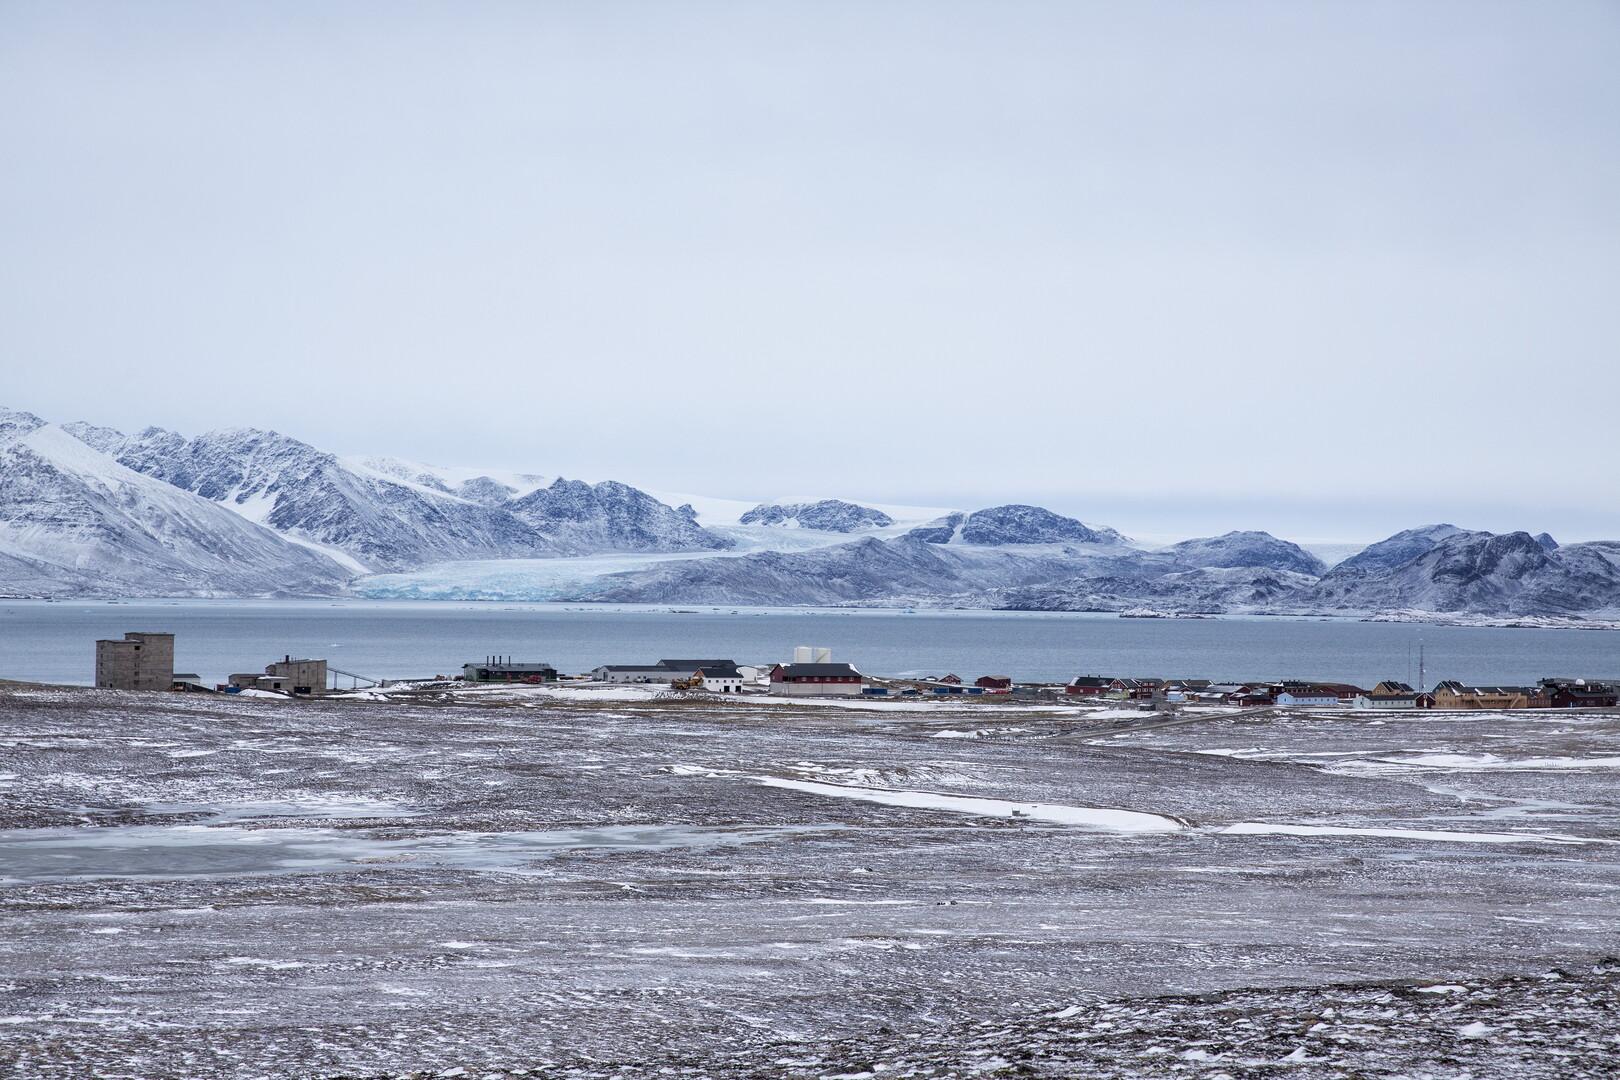 الغرب يريد اقتطاع جزء من روسيا في منطقة القطب الشمالي